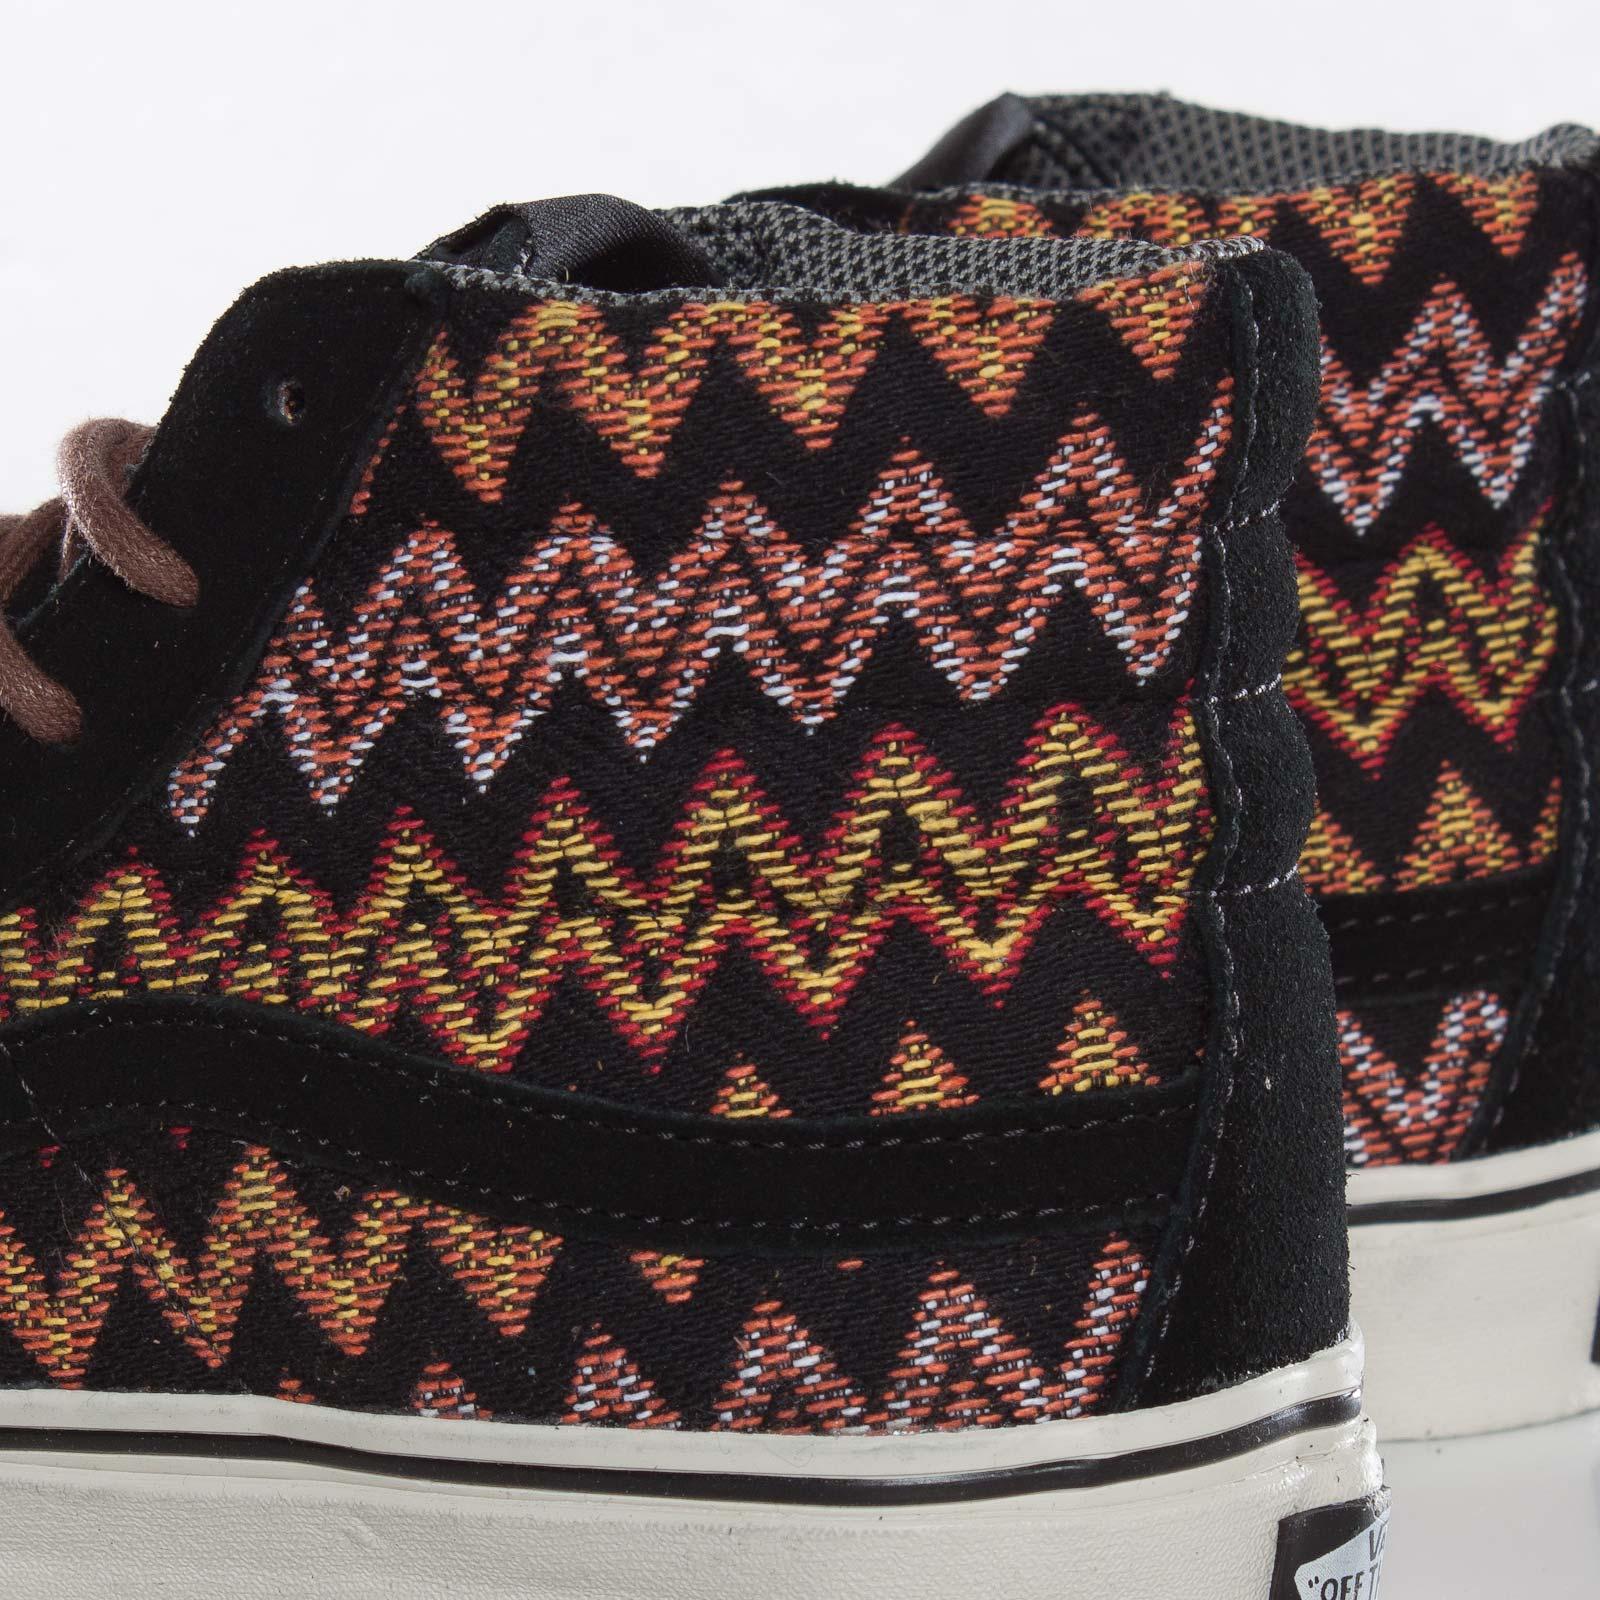 25e7543854ddaf Vans Sk8-Hi Slim Ca (Zig Zag) - Rra74n - Sneakersnstuff